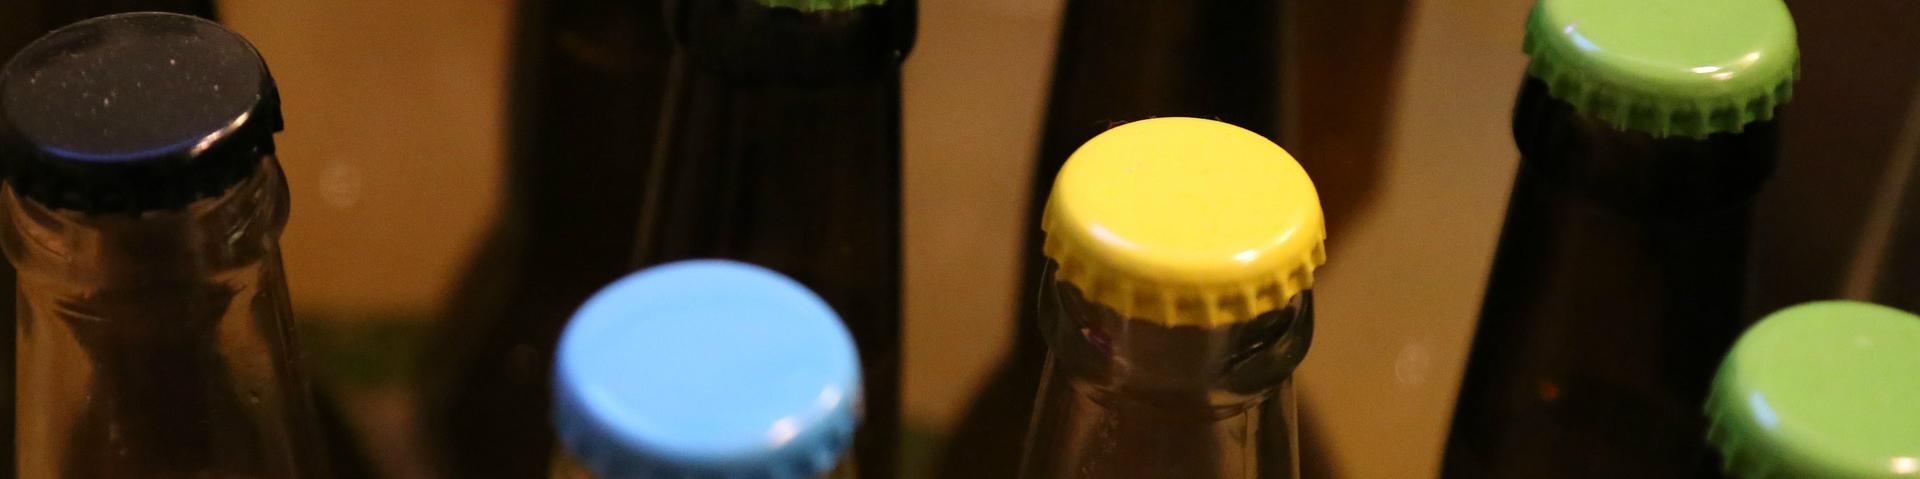 boissons alcoolisées- bouteilles_L